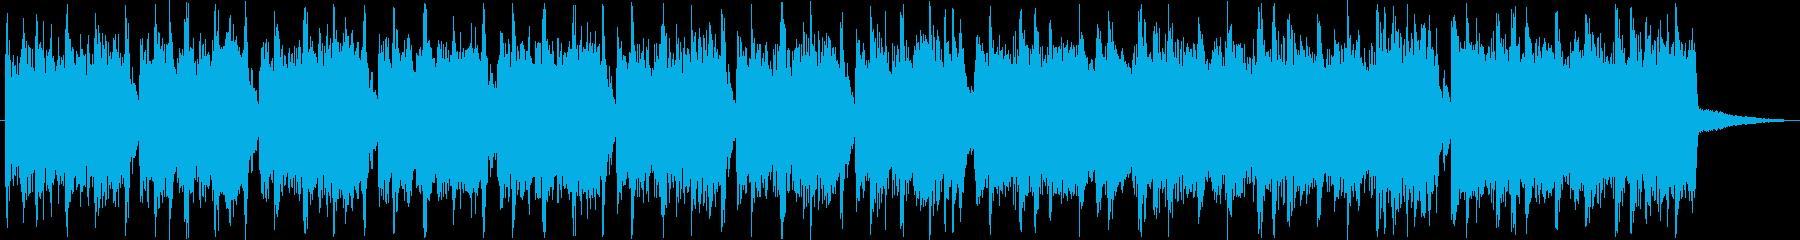 エレキギターが冴えるハードロックの再生済みの波形